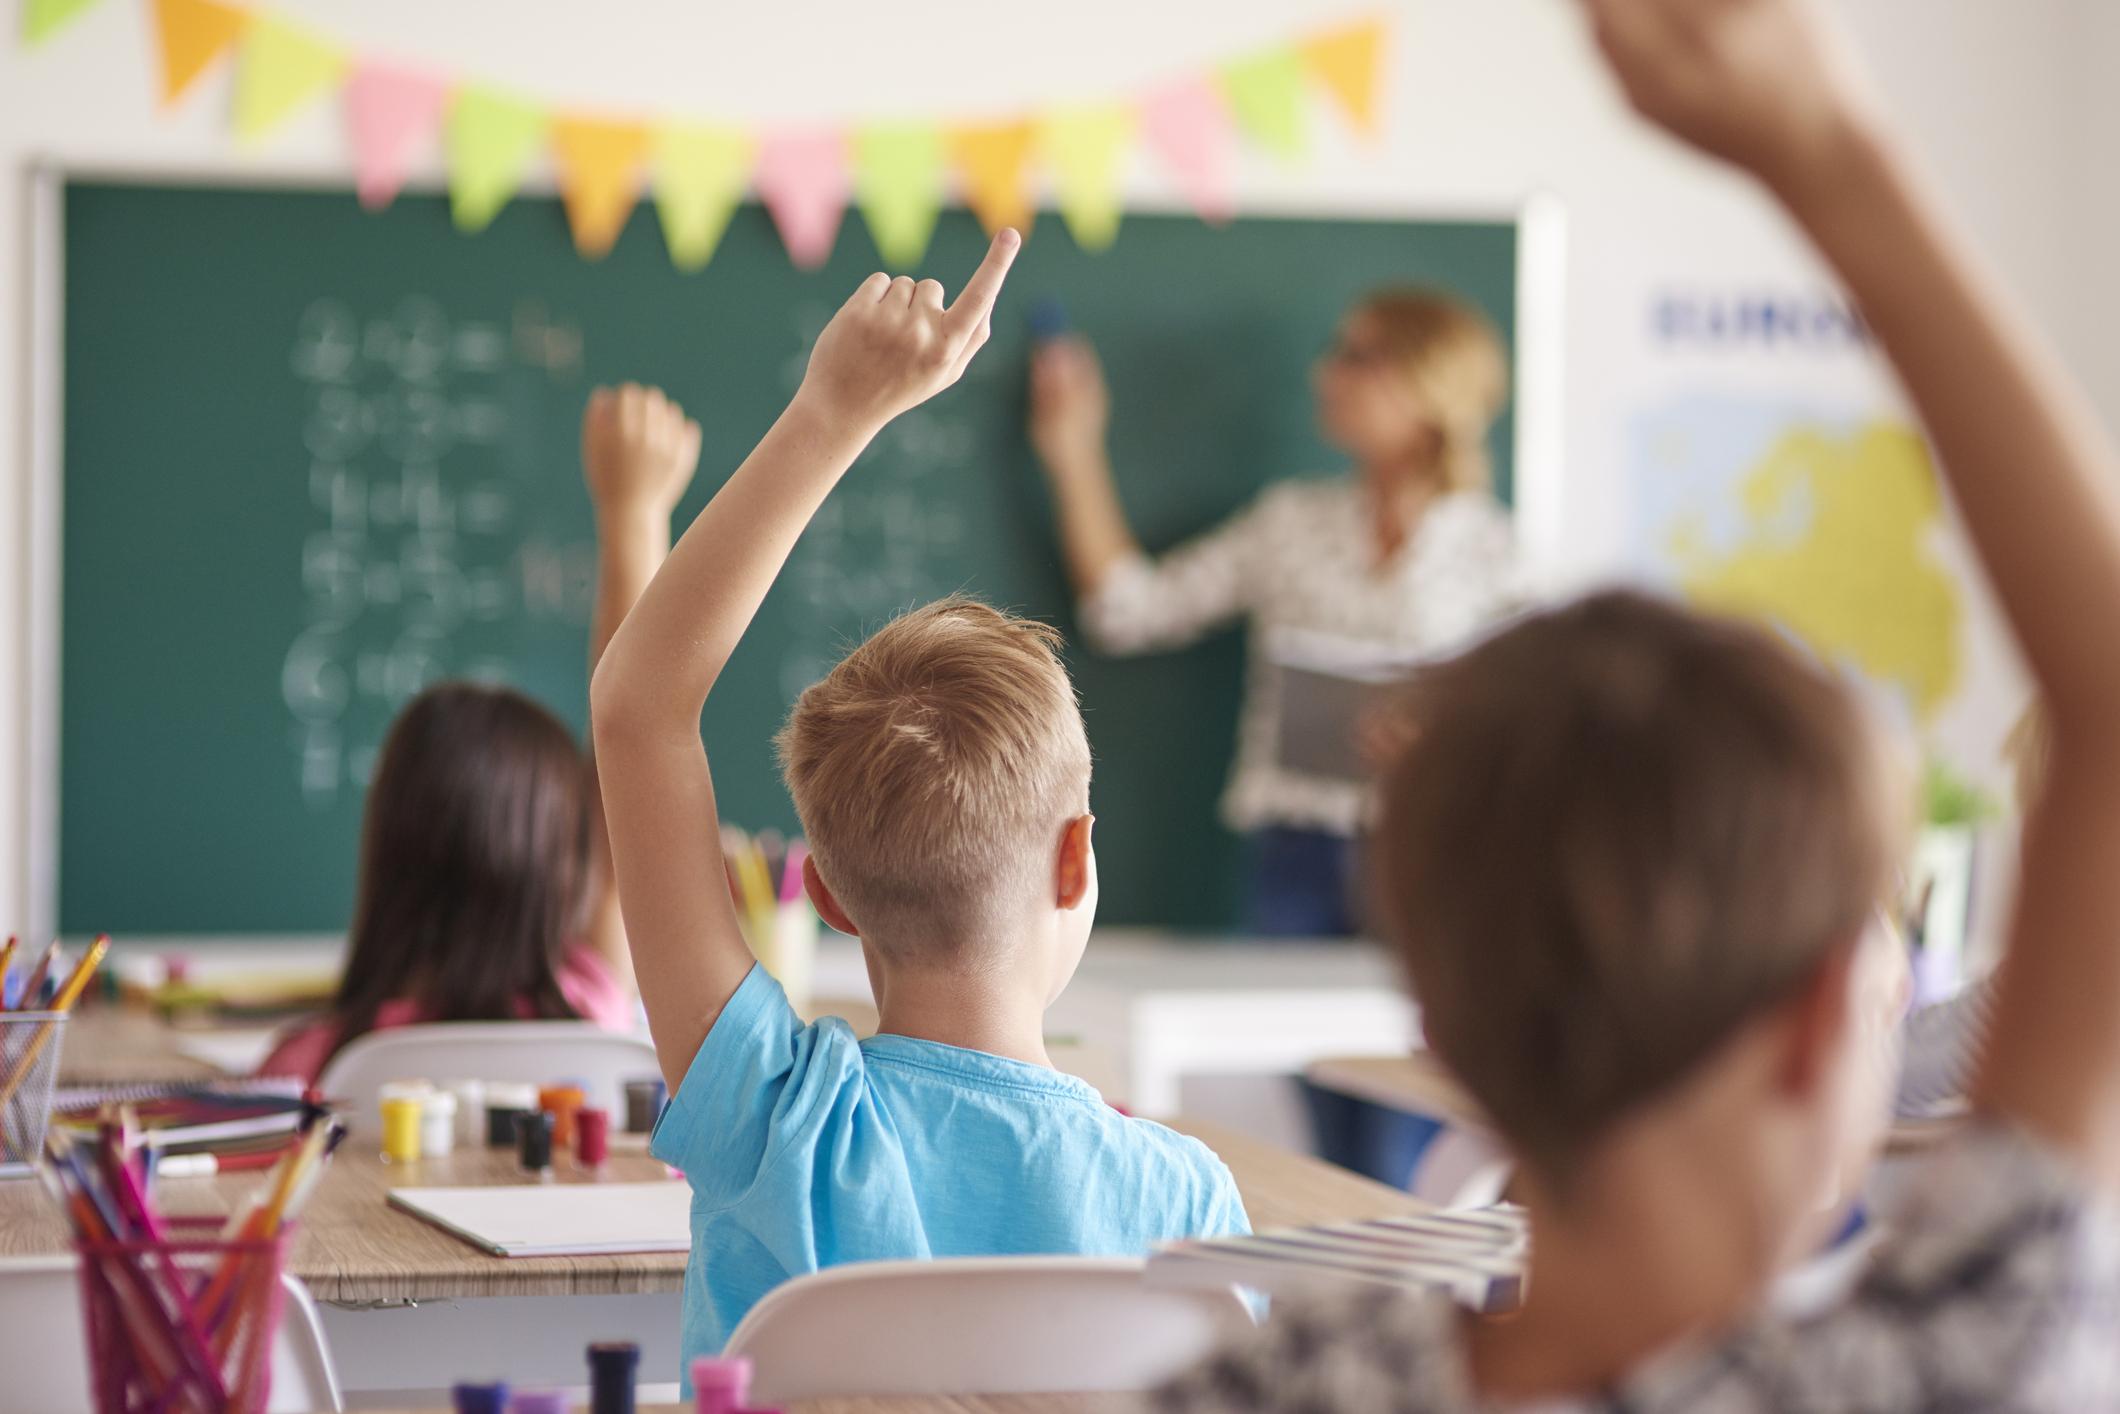 19 - Pre-K-12 Average Classroom Size